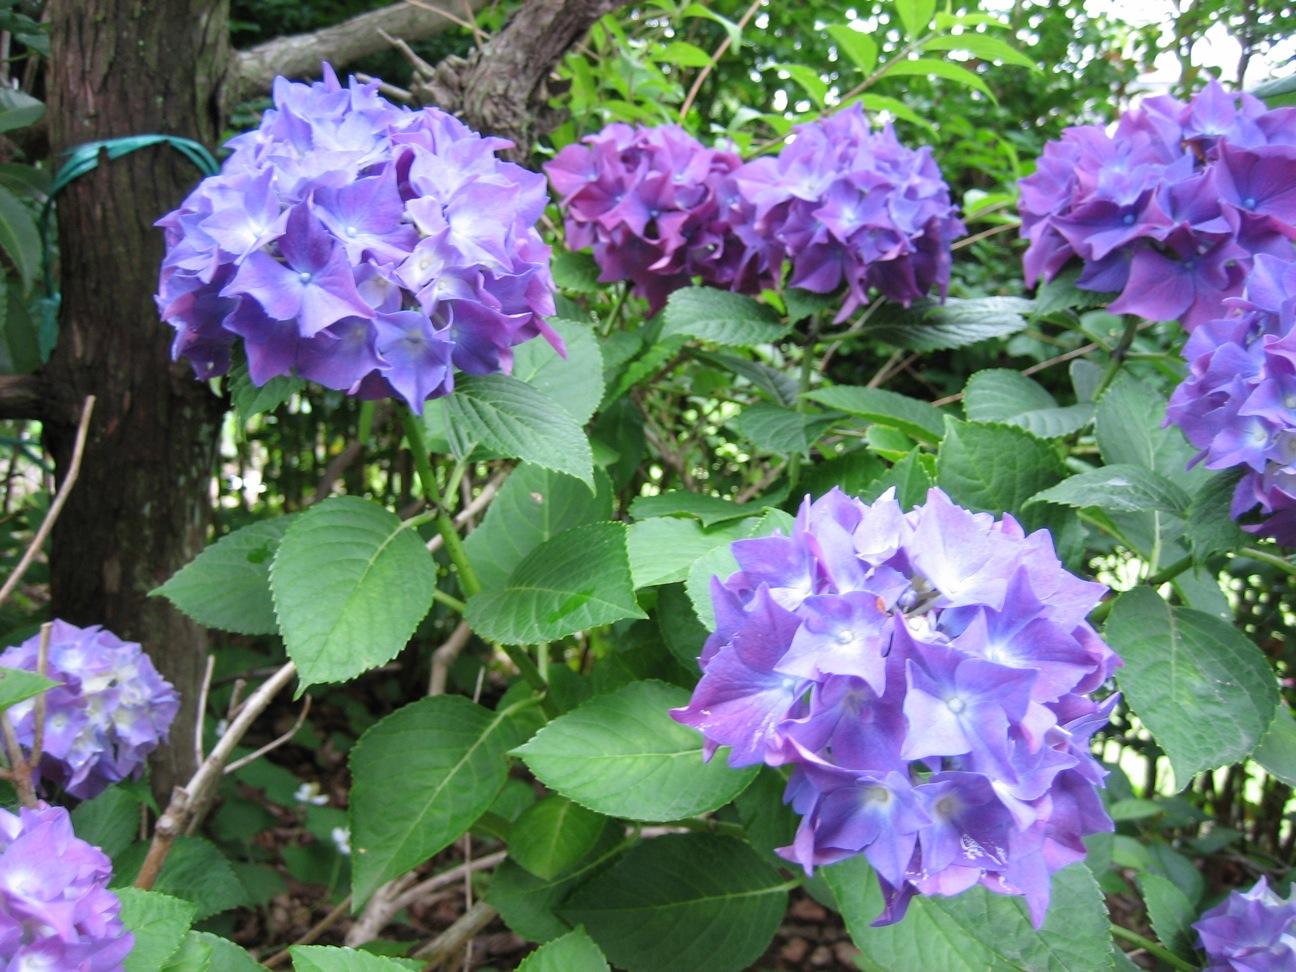 実家に咲く夏の花_d0038951_837793.jpg